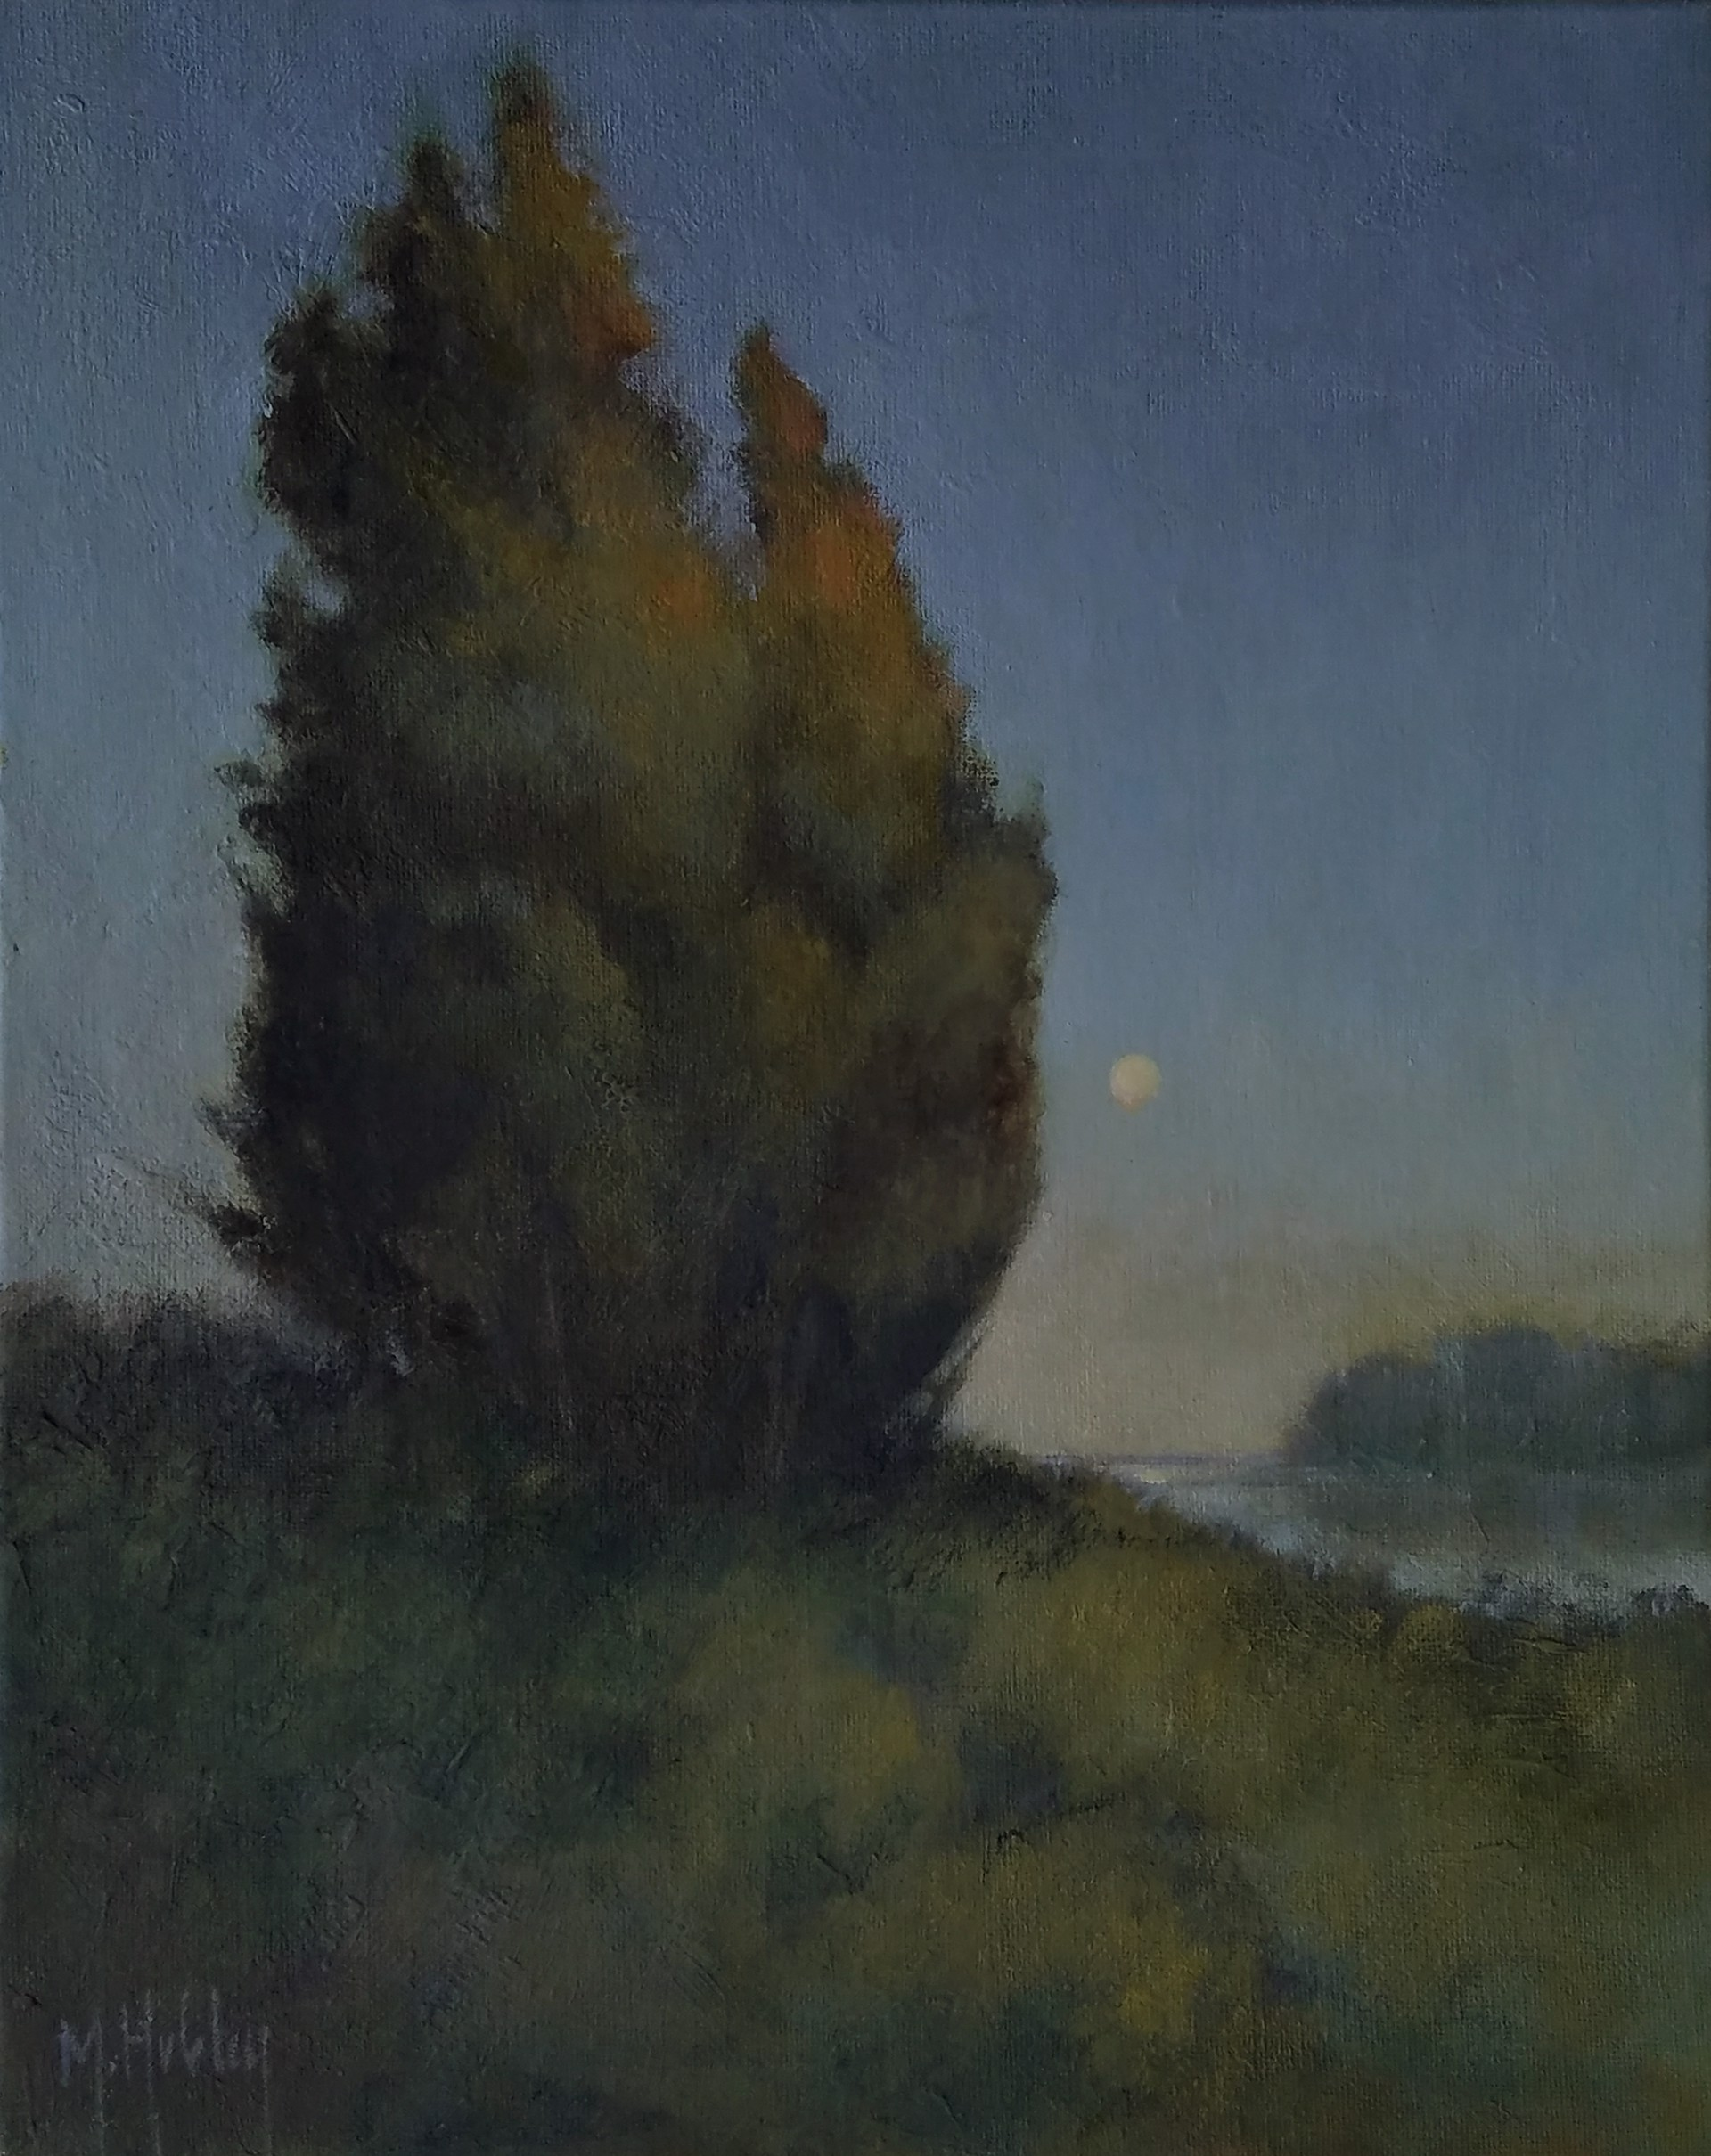 Still Moon by Mary Hubley